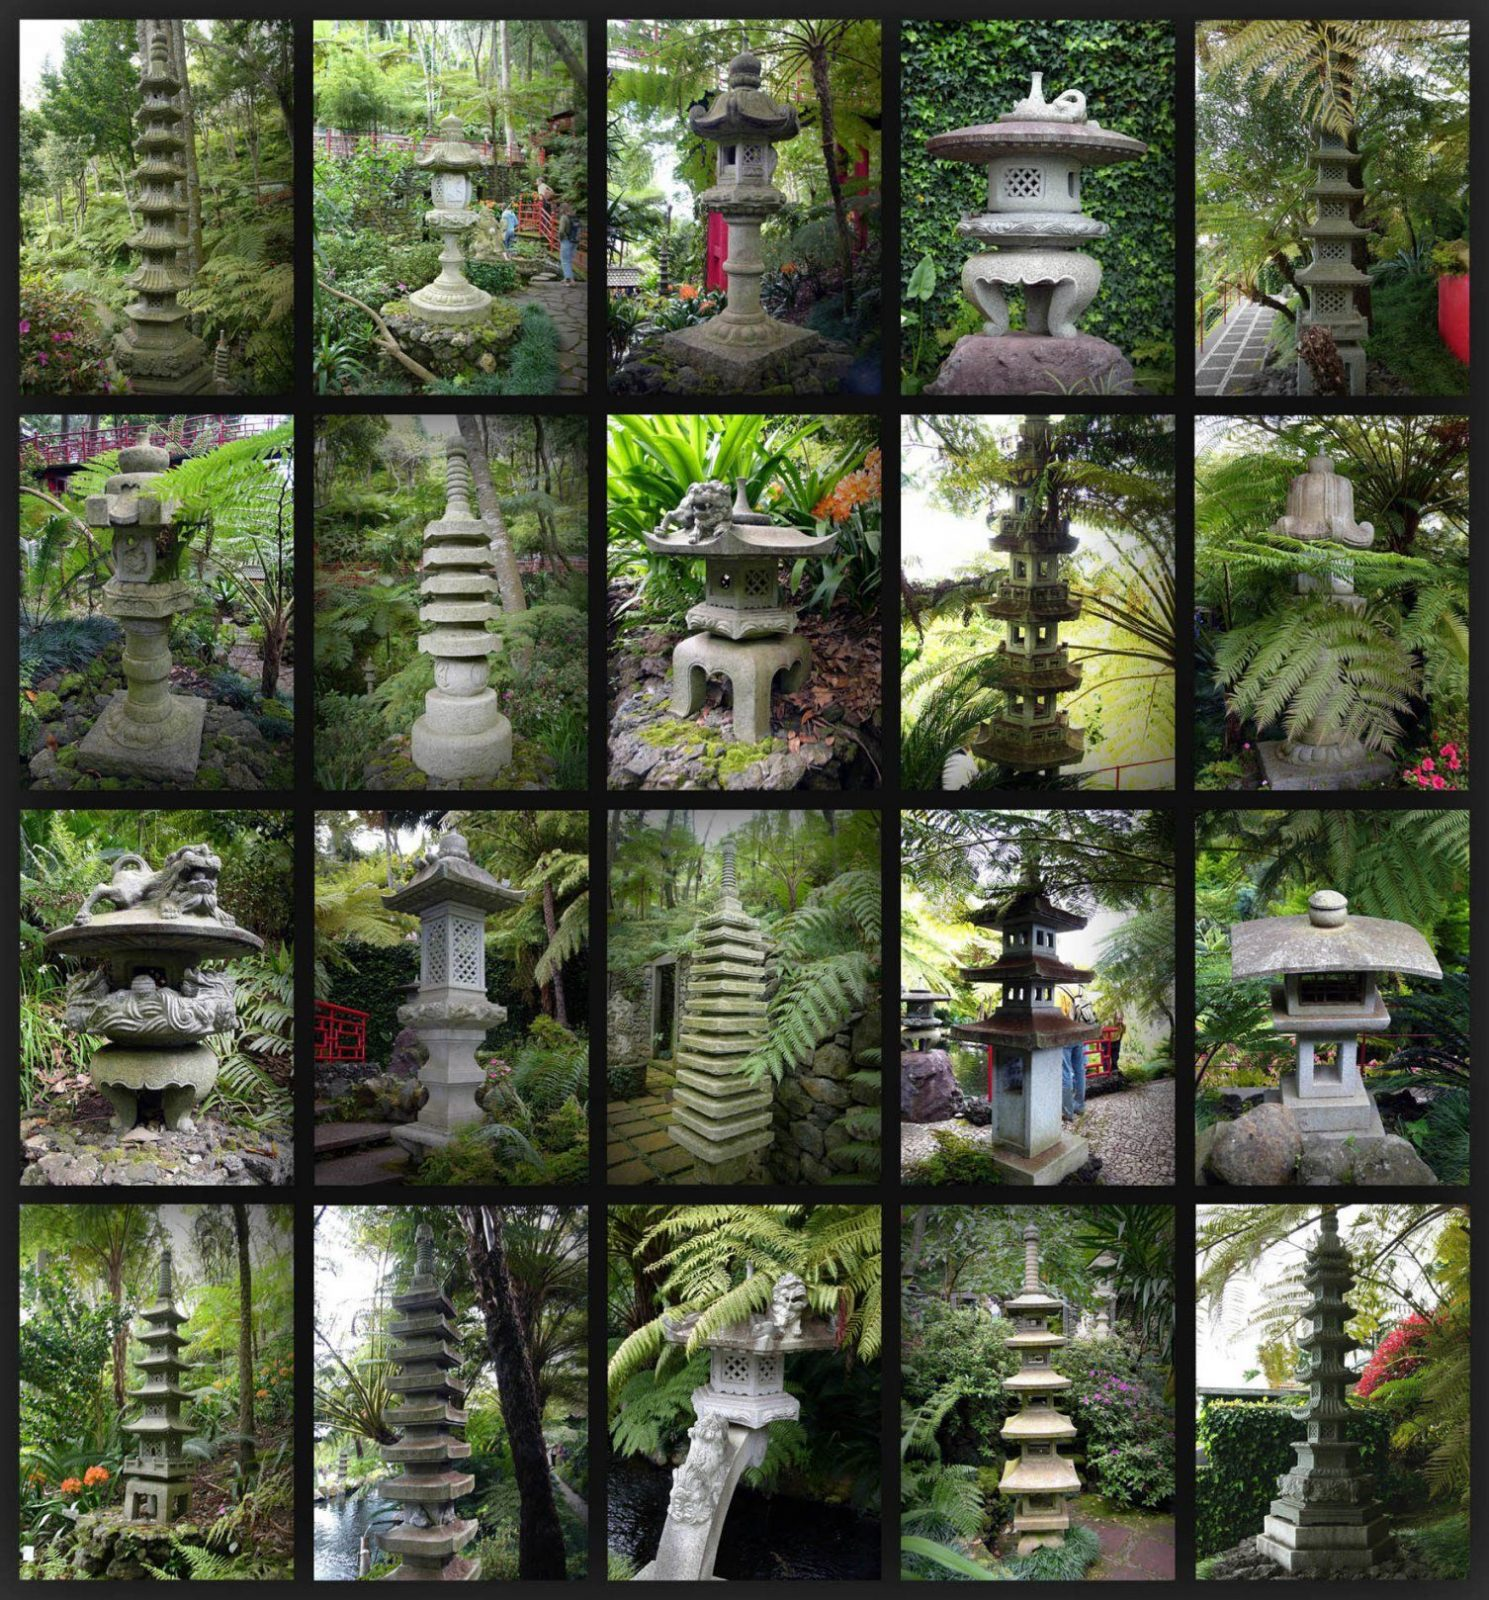 Japanische Deko Fr Garten Perfect Garten Selber Gestalten Vorgarten von Japanische Deko Für Garten Bild